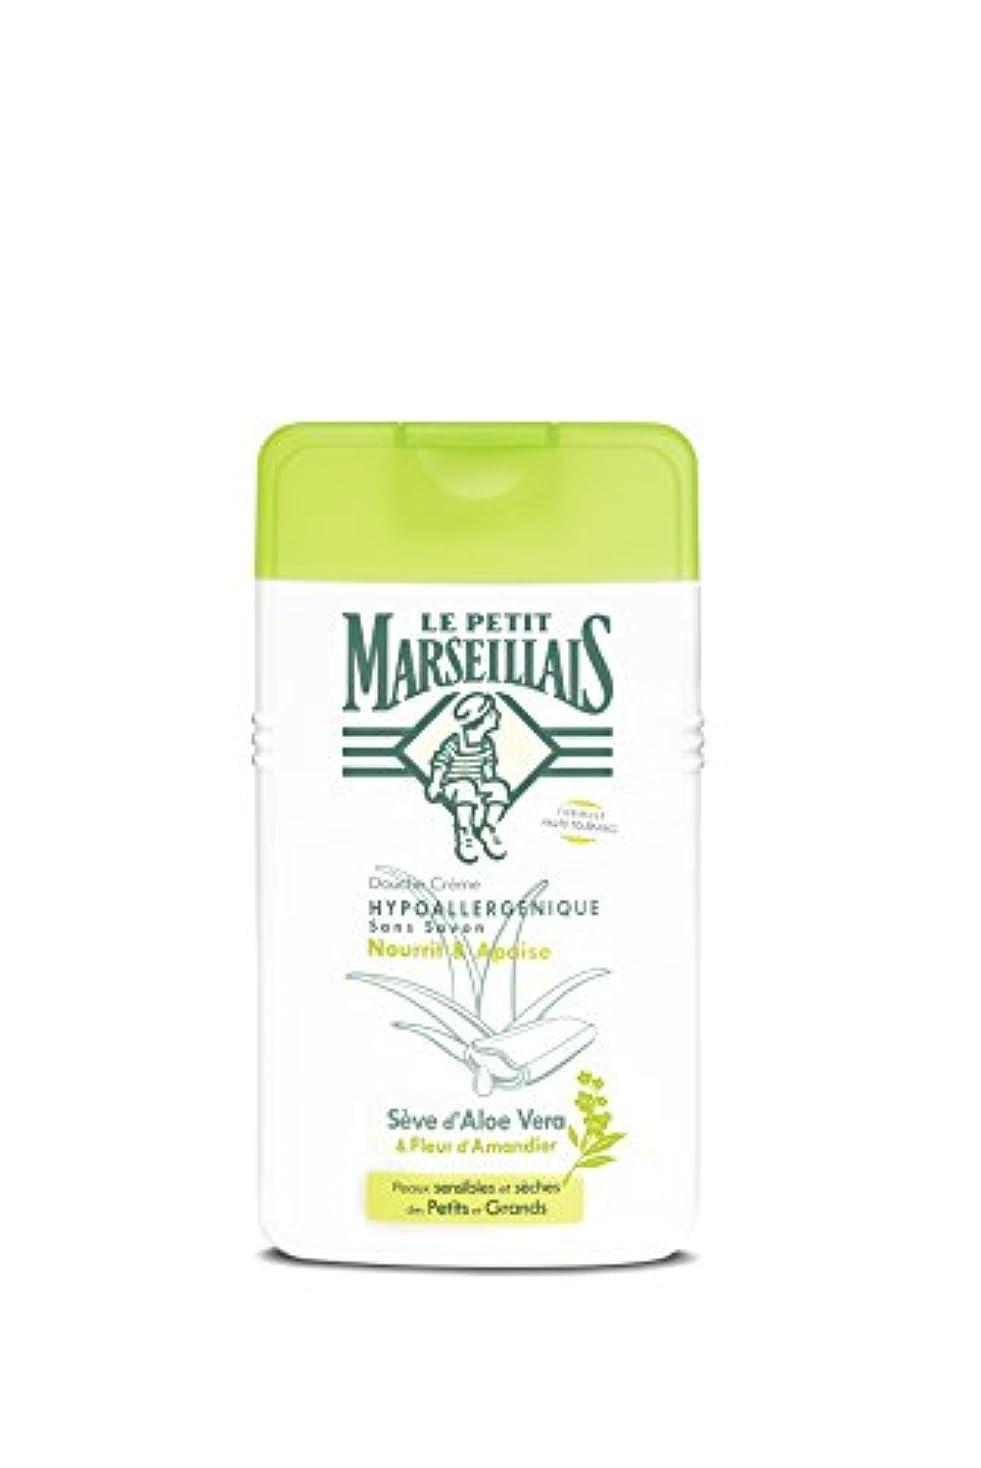 近代化するナラーバー安いです「アロエベラ」と「アーモンドの花」石鹸不使用 低刺激 敏感肌用 中性 シャワークリーム フランスの「ル?プティ?マルセイユ(Le Petit Marseillais)」250ml ボディウォッシュ